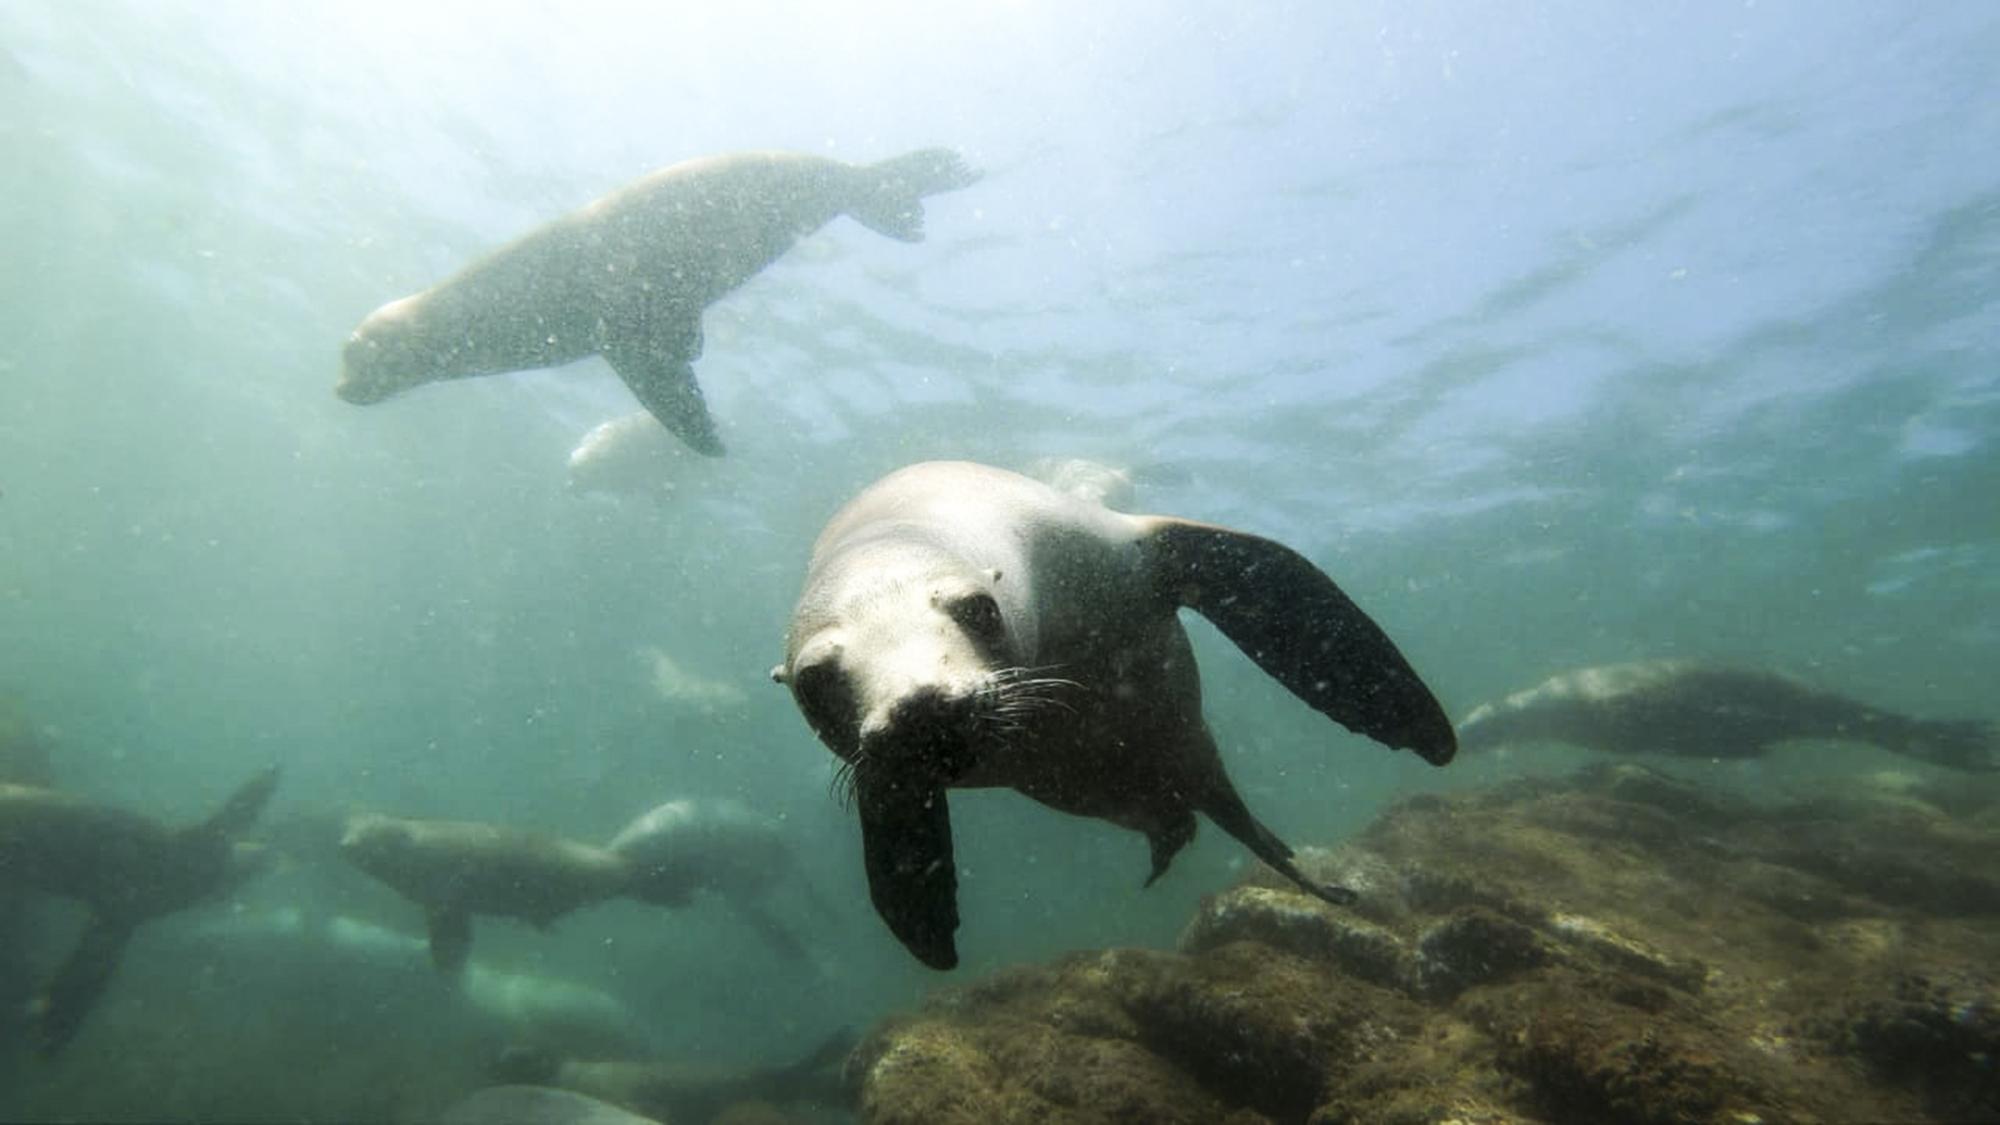 Sea lions play at Bahia de los Angeles